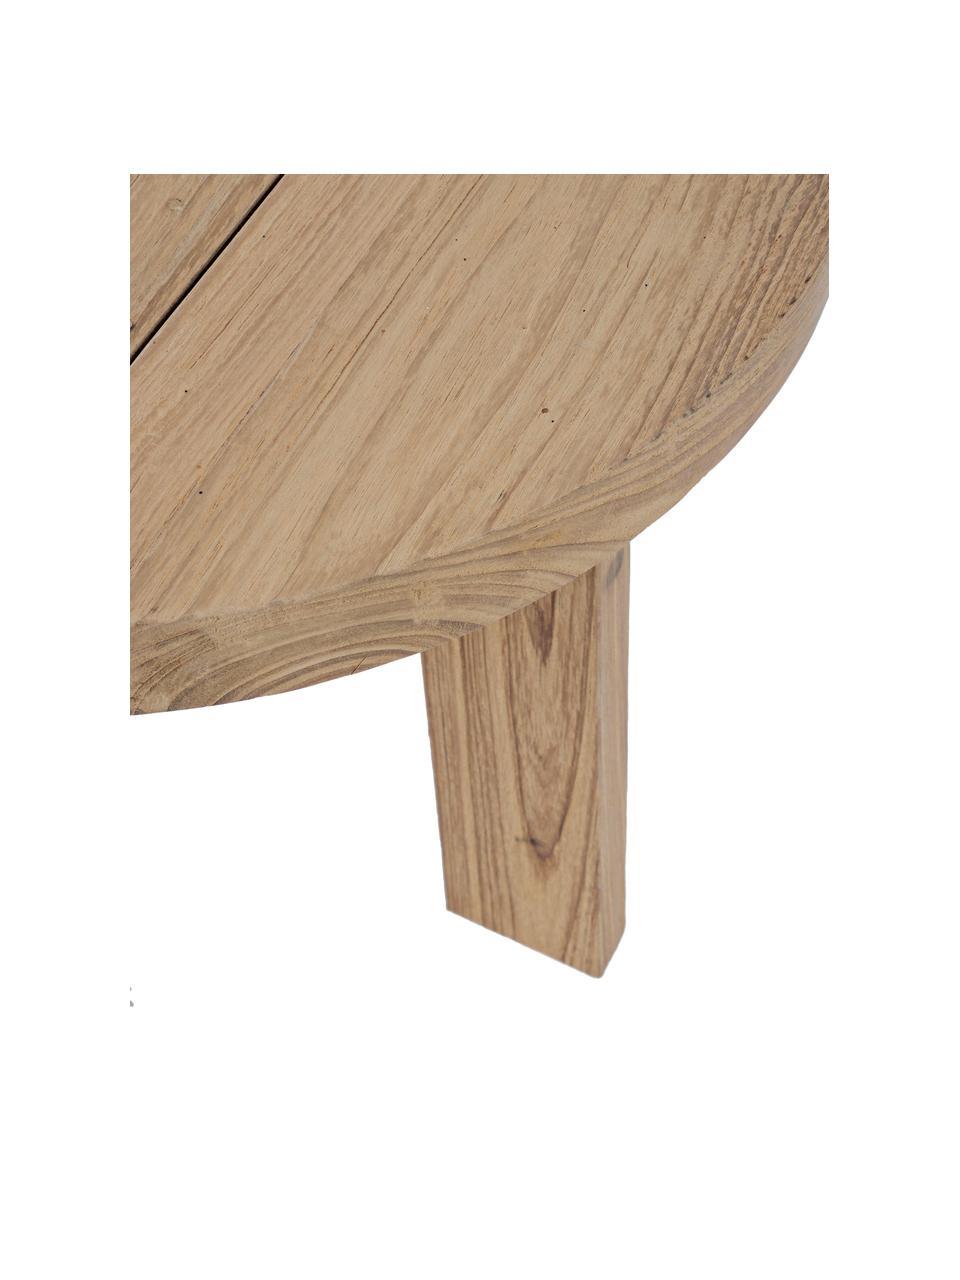 Ogrodowy stolik kawowy z drewna tekowe Bolivar, Drewno tekowe, jasne, lakierowane, Brązowy, Ø 50 x W 45 cm